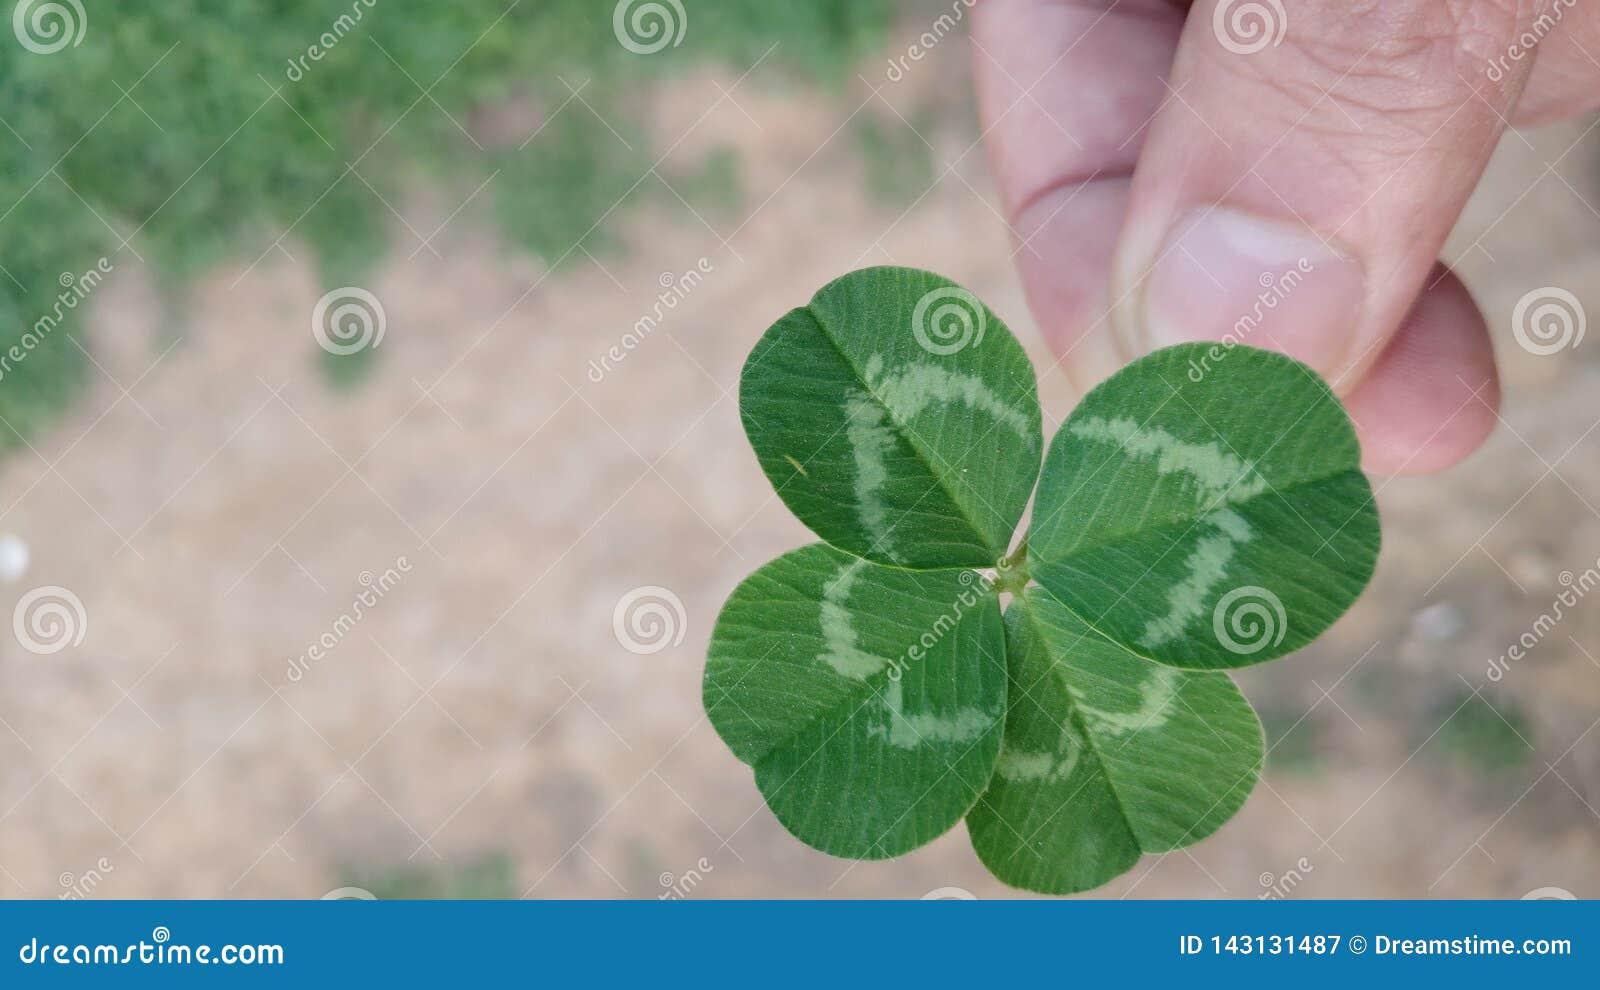 Guardando um trevo de quatro folhas que simboliza o amor